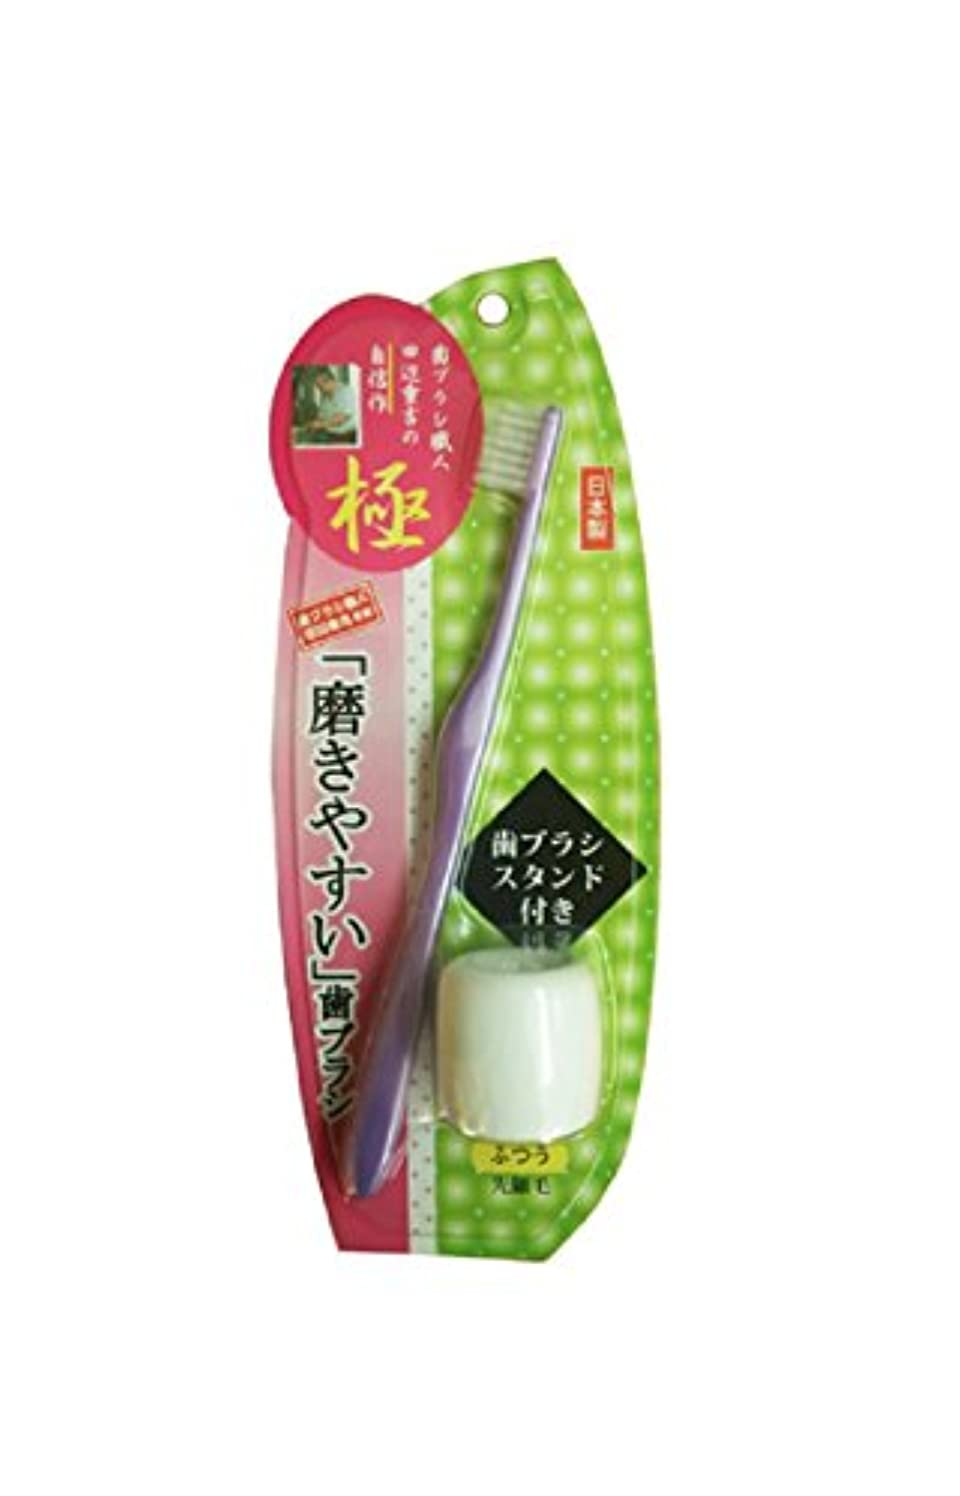 物理的にスイッチ憂鬱磨きやすい歯ブラシ極 先細毛 歯ブラシスタンド付 LT-23 パープル